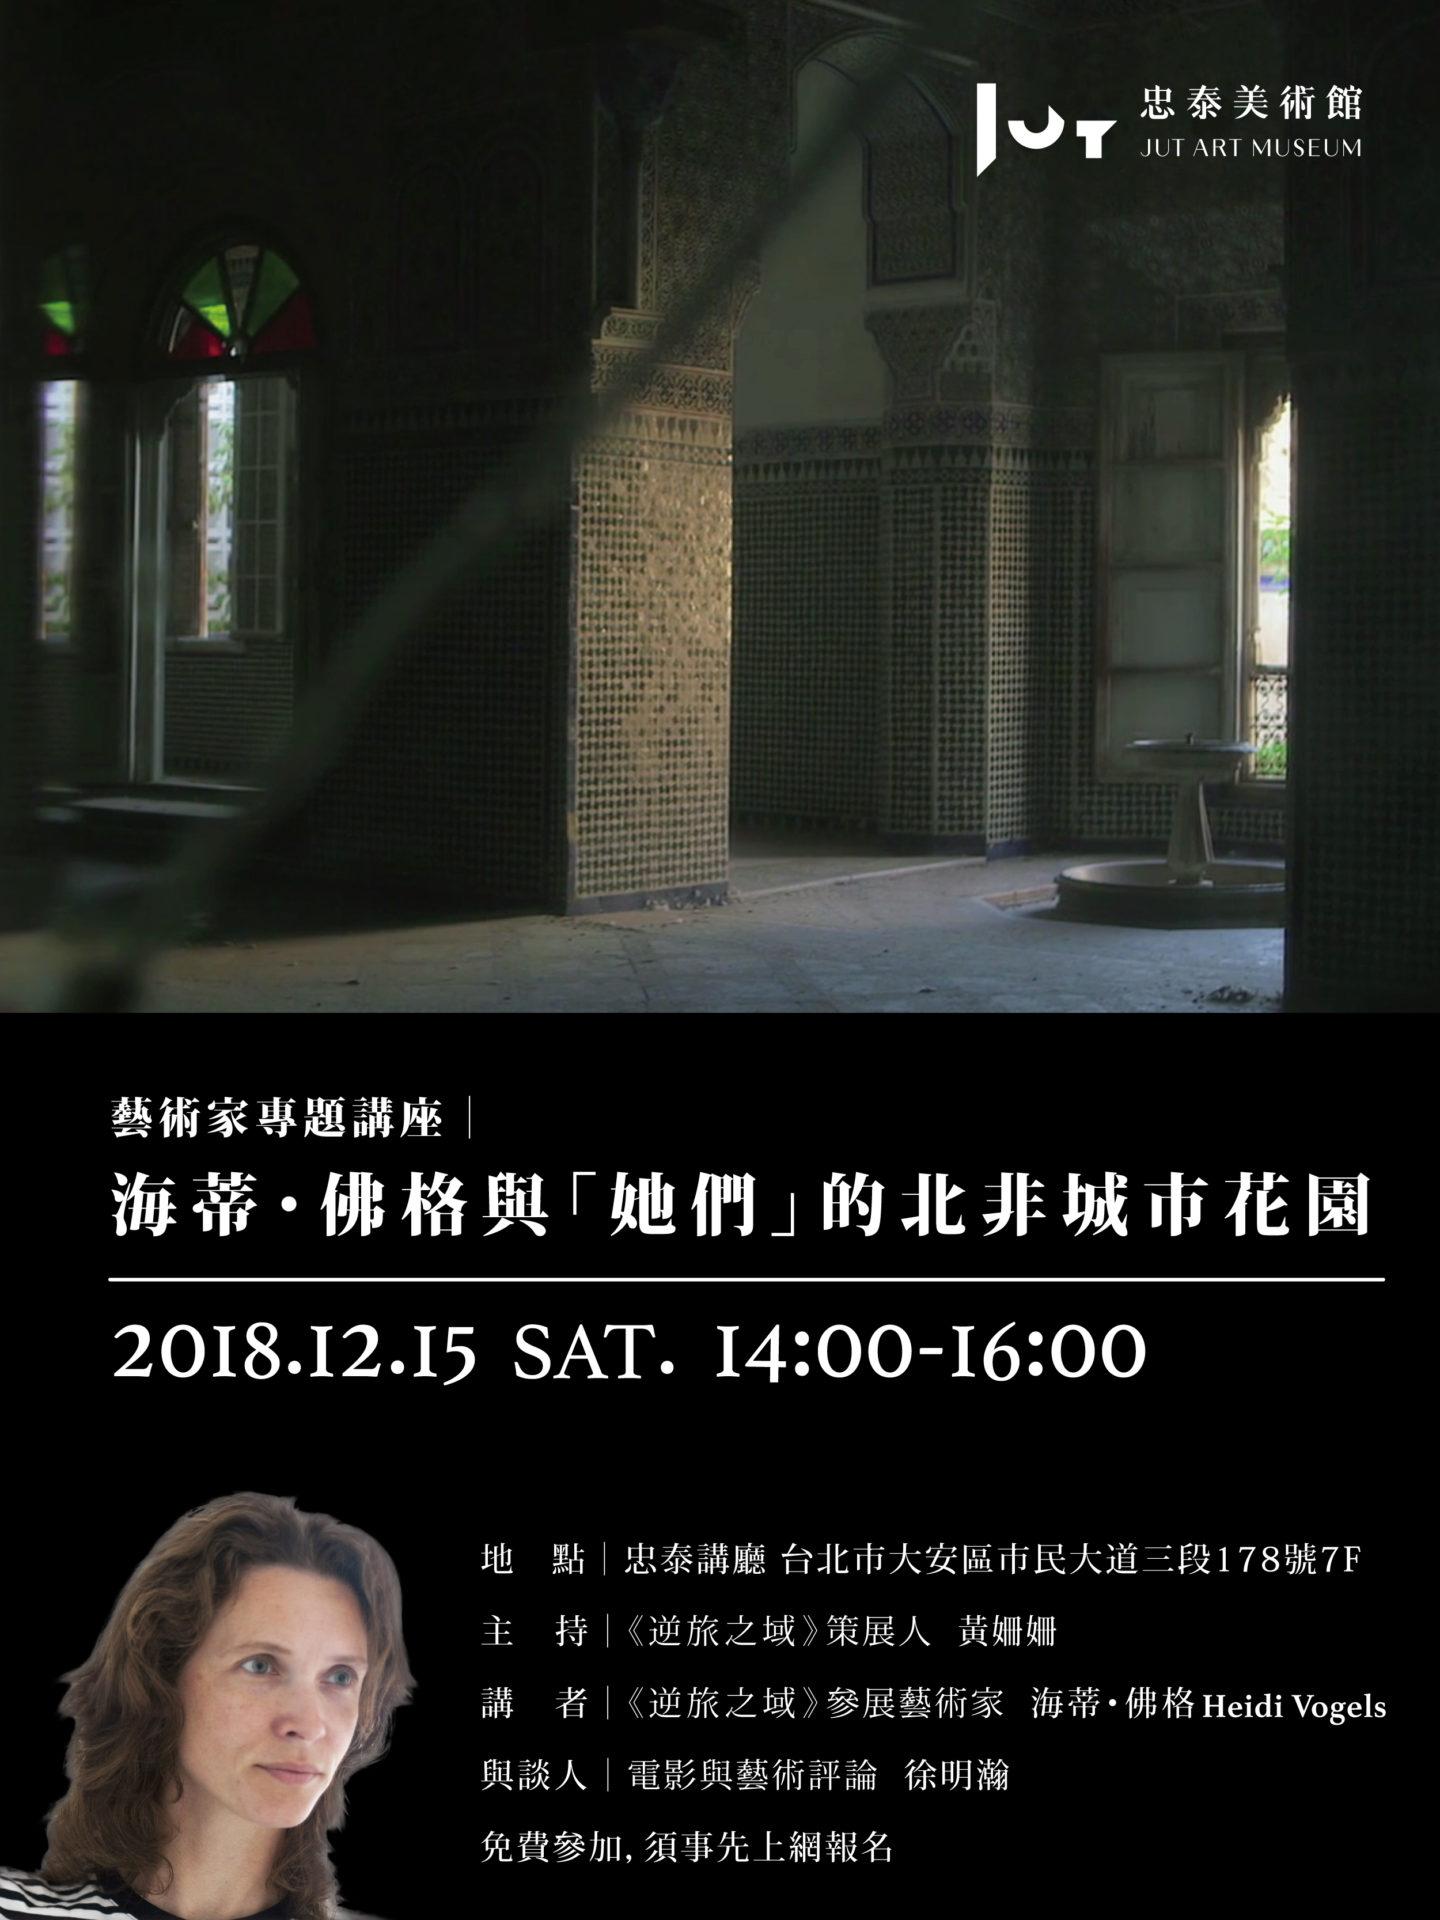 忠泰美術館:2018/12/15 【《逆旅之域》藝術家專題講座:海蒂.佛格與「她們」的北非城市花園】